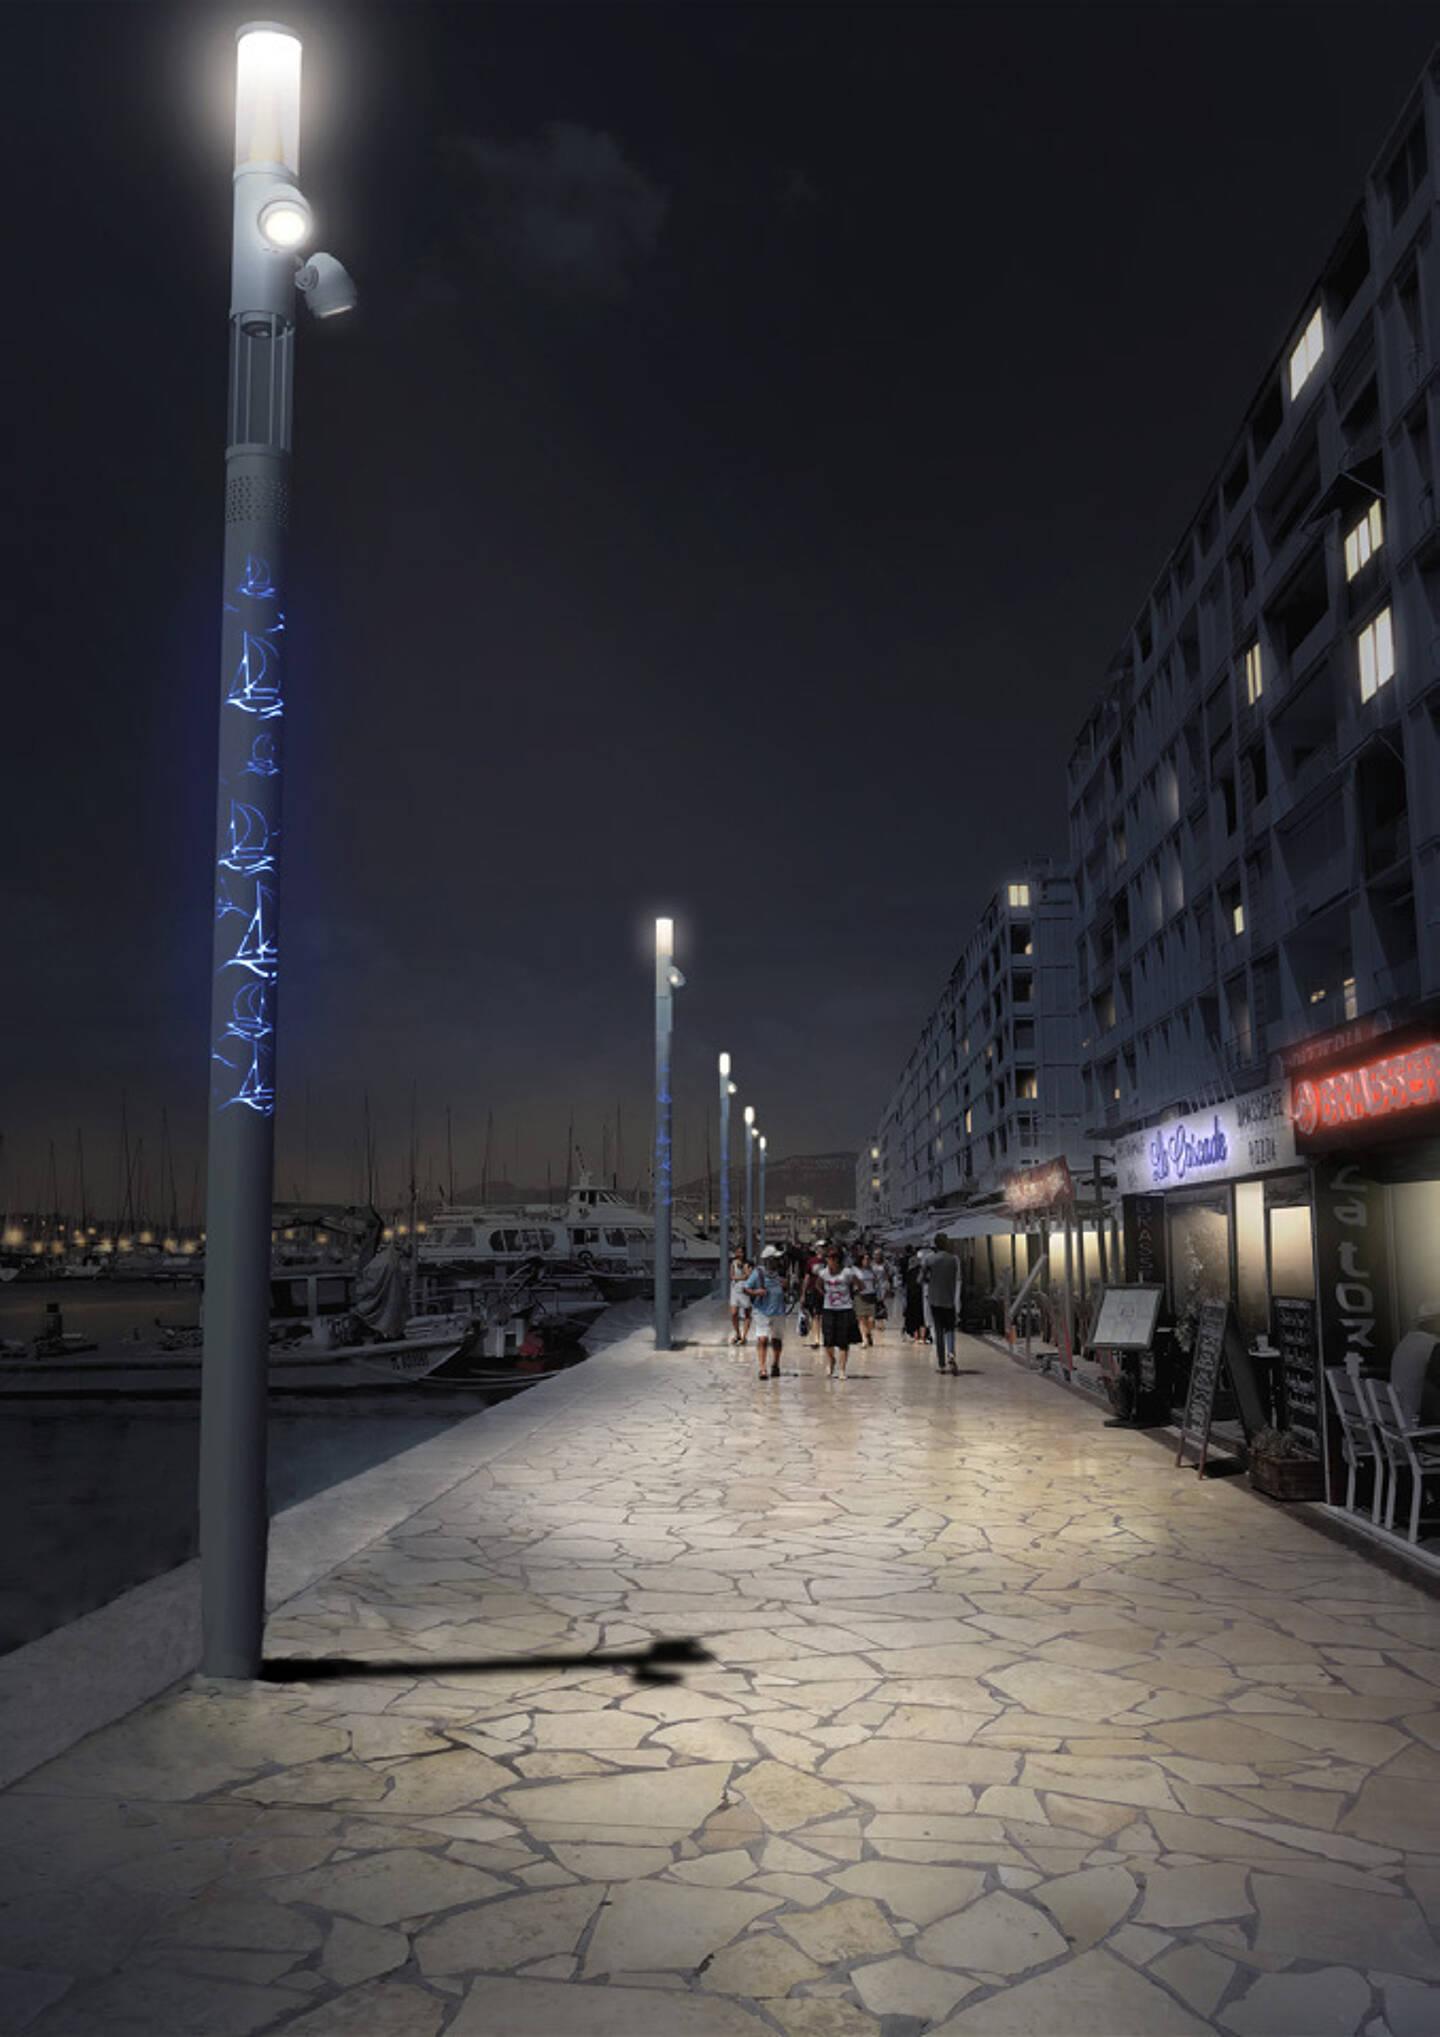 """Des motifs """"maritimes"""" seront sculptés sur les nouveaux lampadaires. Ils s'illumineront la nuit en bleu, ou dans n'importe quelle autre couleur selon les occasions."""